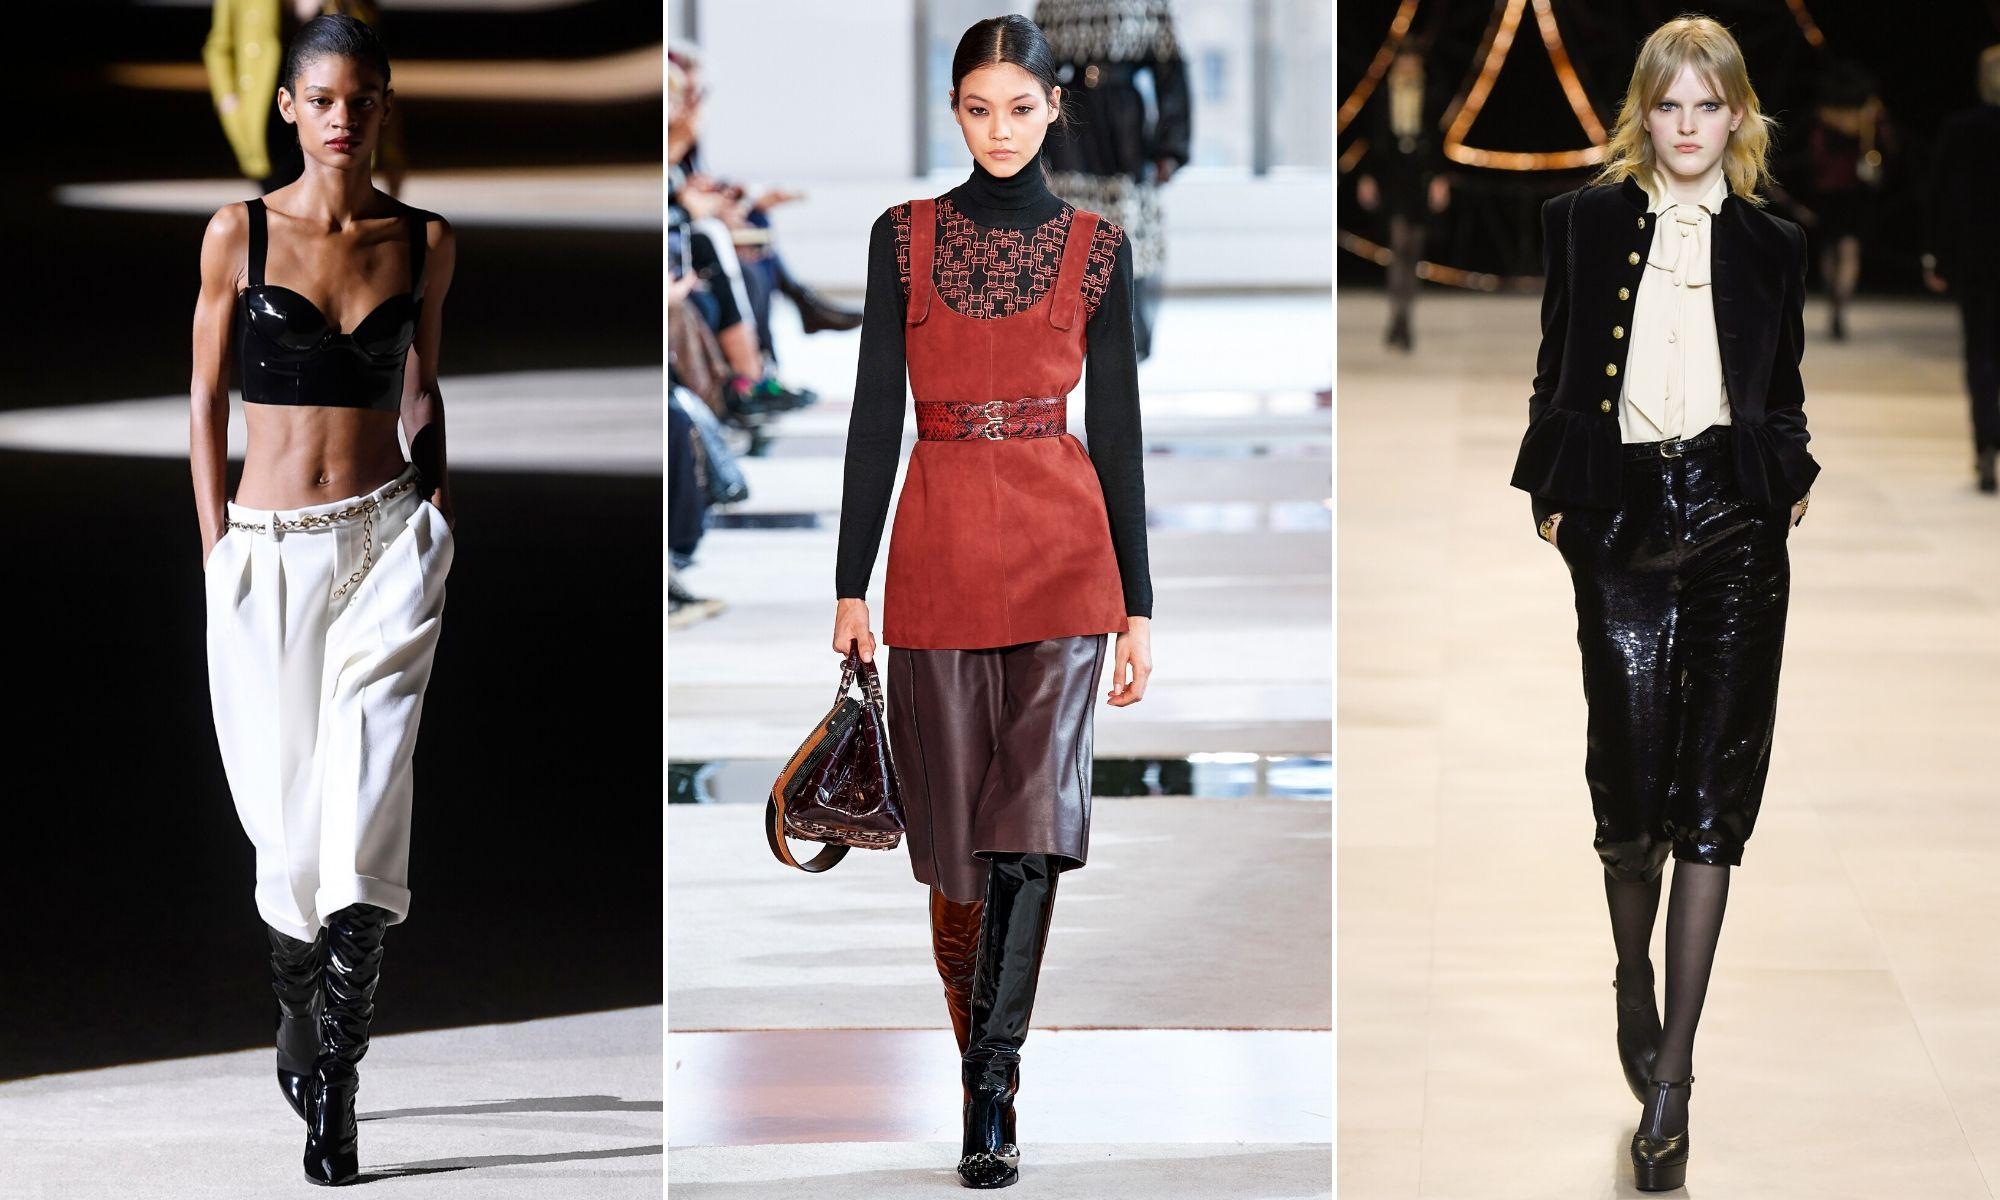 xu hướng thời trang 2020 thu đông saint laurent longchamp celine